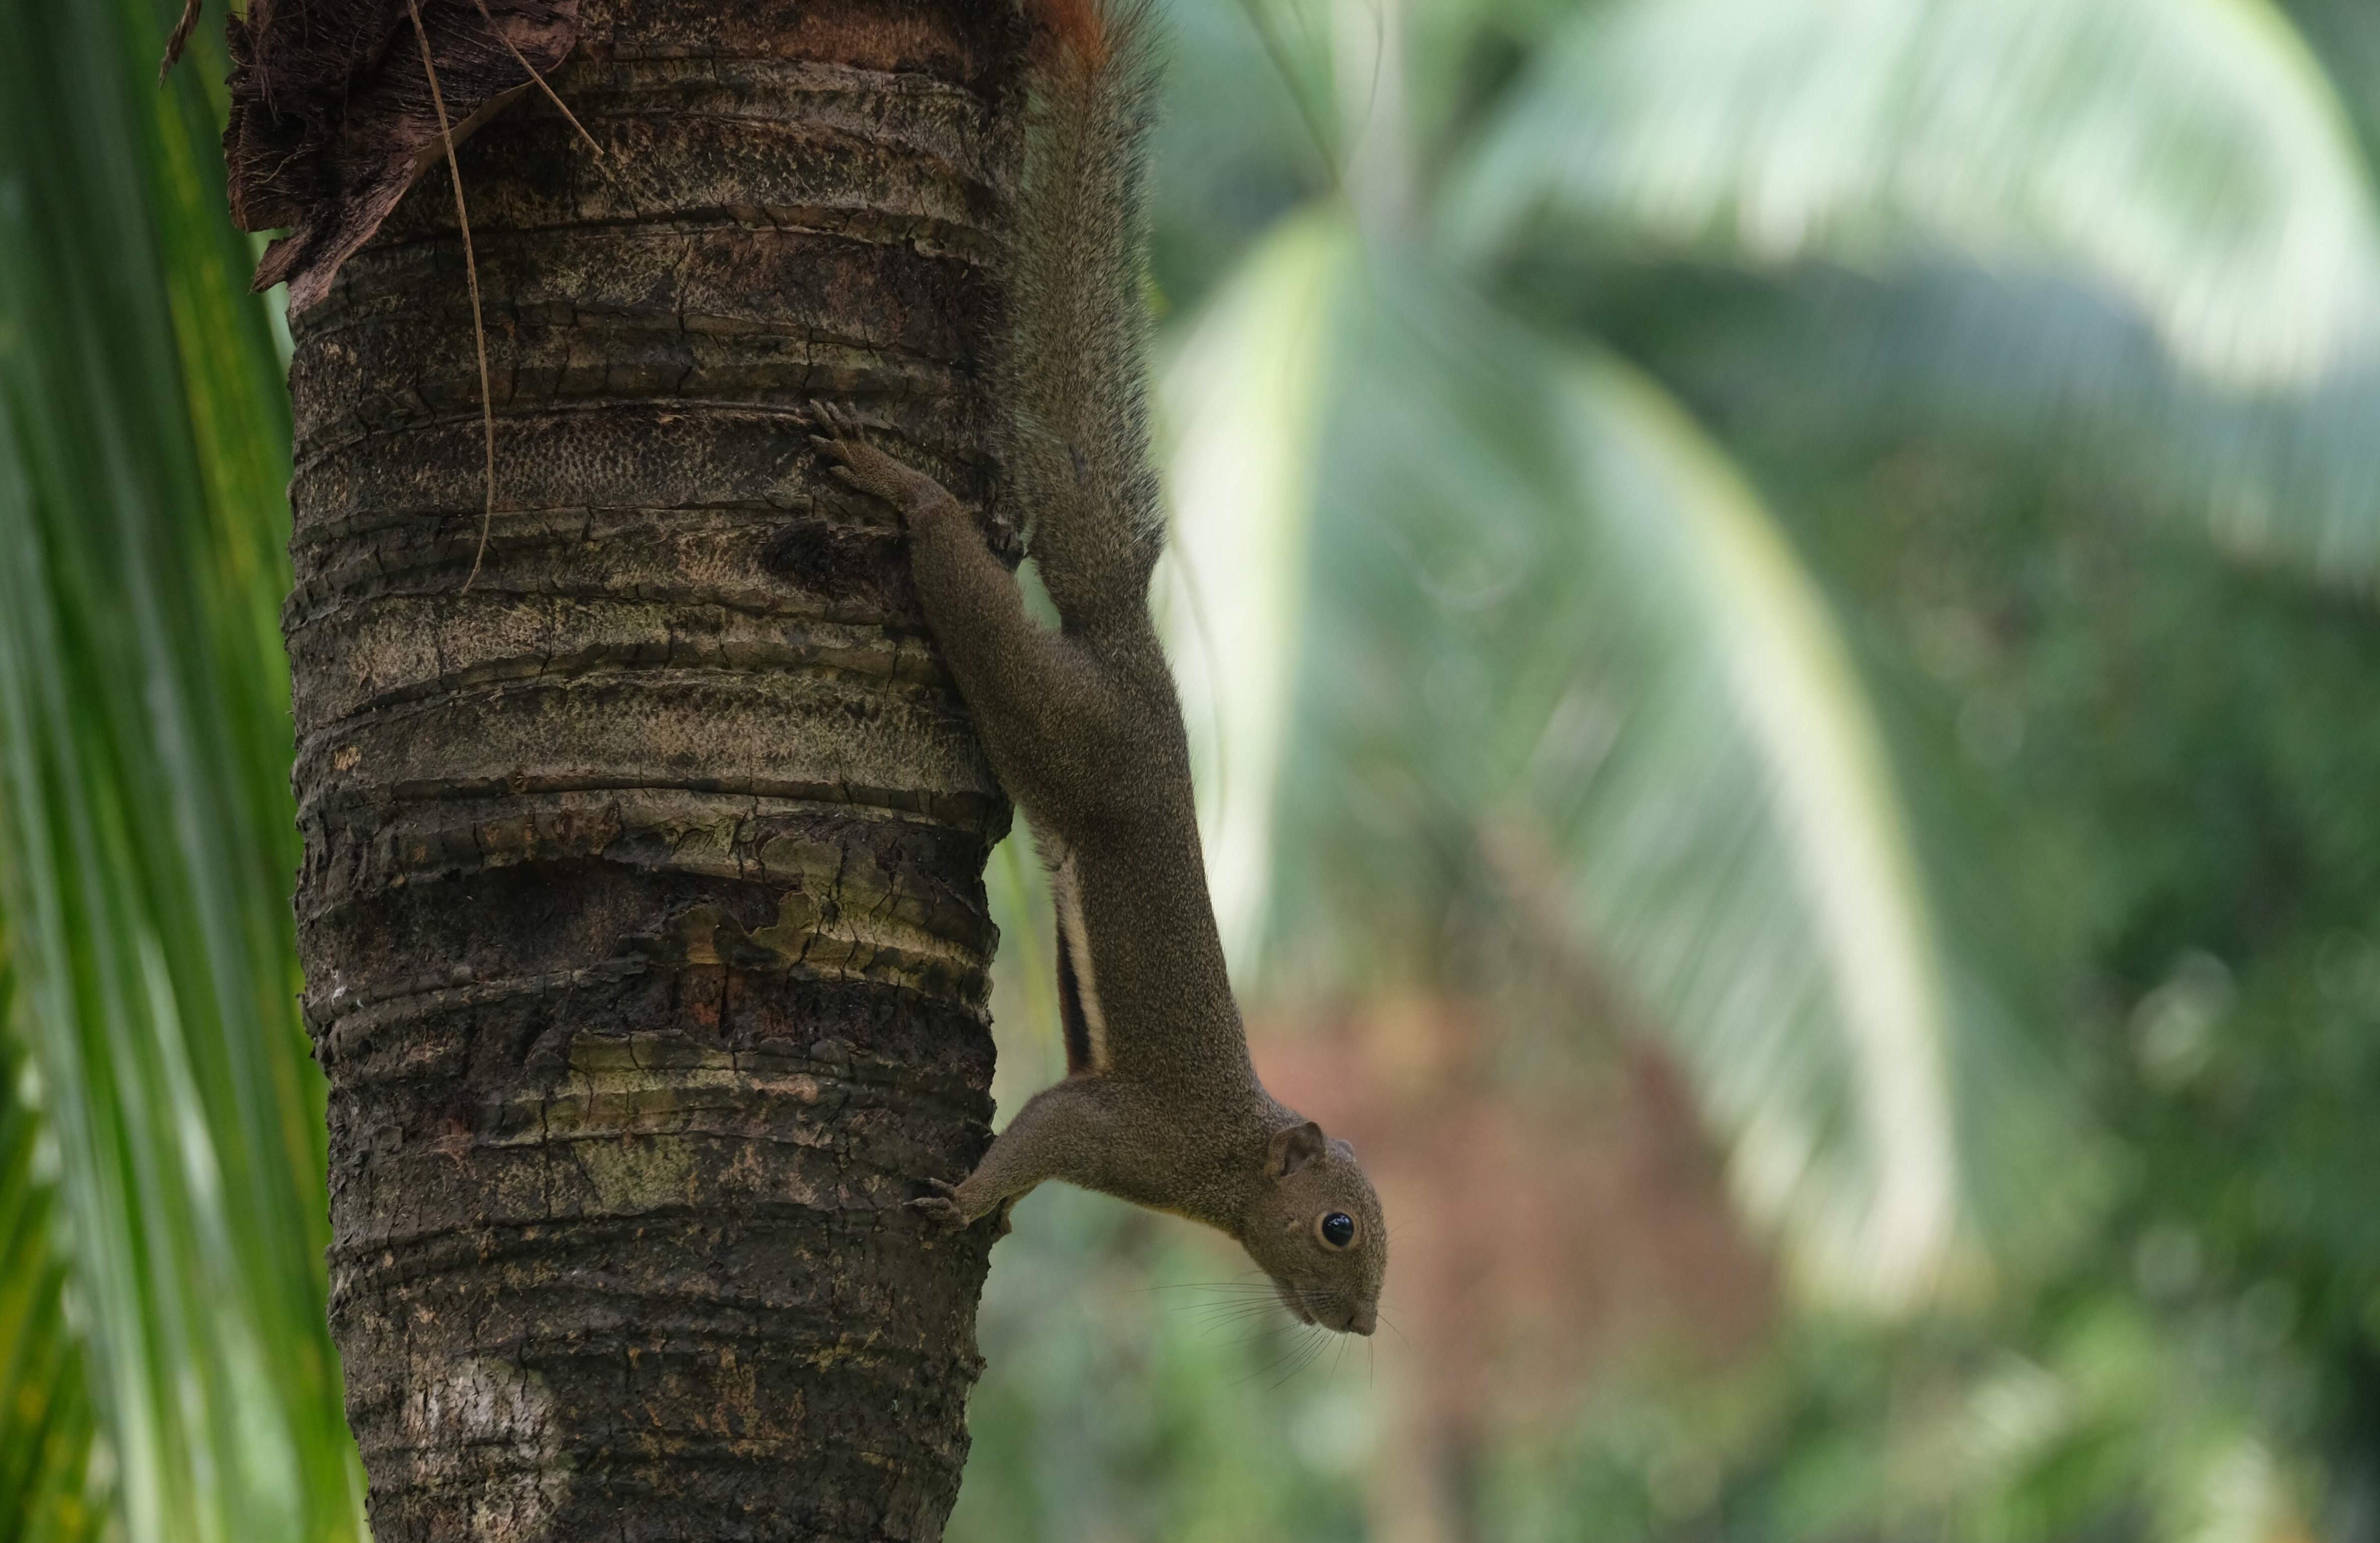 Plantain squirrel, Kuala Lumpur, Malaysia